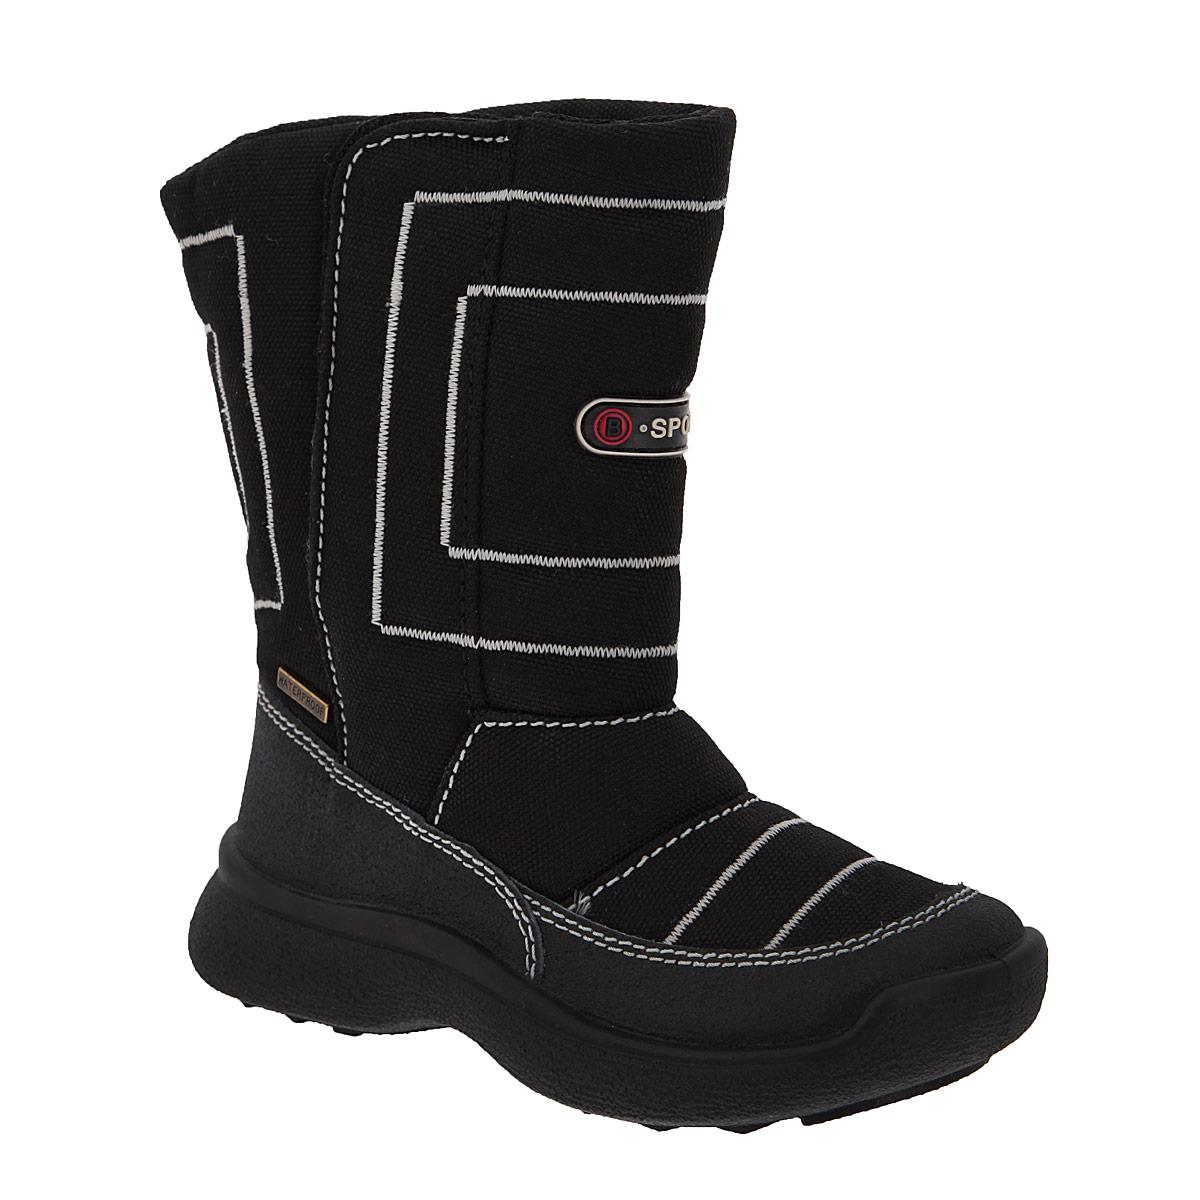 Сапоги для мальчика Аллигаша, цвет: черный. 11-155. Размер 2811-155Замечательные сапоги для мальчика Аллигаша, изготовленные из современных материалов, обеспечат удобство и комфорт ножкам вашего малыша в прохладную погоду. Верх выполнен из комбинаций натуральной кожи и текстиля. Технология TEGINA-TEX - это обувь с применением специальной подкладочной мембраны, которая позволяет ноге дышать и абсолютно непроницаемо снаружи для воды и холода. На морозе удерживается тепло, а в помещении нога не потеет.Модель на высокой рифленой подошве с округлым мыском обеспечивает удобство и практичность на каждый день. Удобная пяточная часть укреплена. Внутренняя отделка из текстиля и шерсти. Удобная застежка-липучка на внешней стороне голенища обеспечивает практичность и комфортную фиксацию модели на ноге. Стелька из натуральной шерсти не даст ножке замерзнуть. Оформлена модель прострочкой, а также прорезиненной вставкой и металлической пластиной. В таких сапожках ножкам вашего ребенка всегда будет комфортно, уютно и тепло!